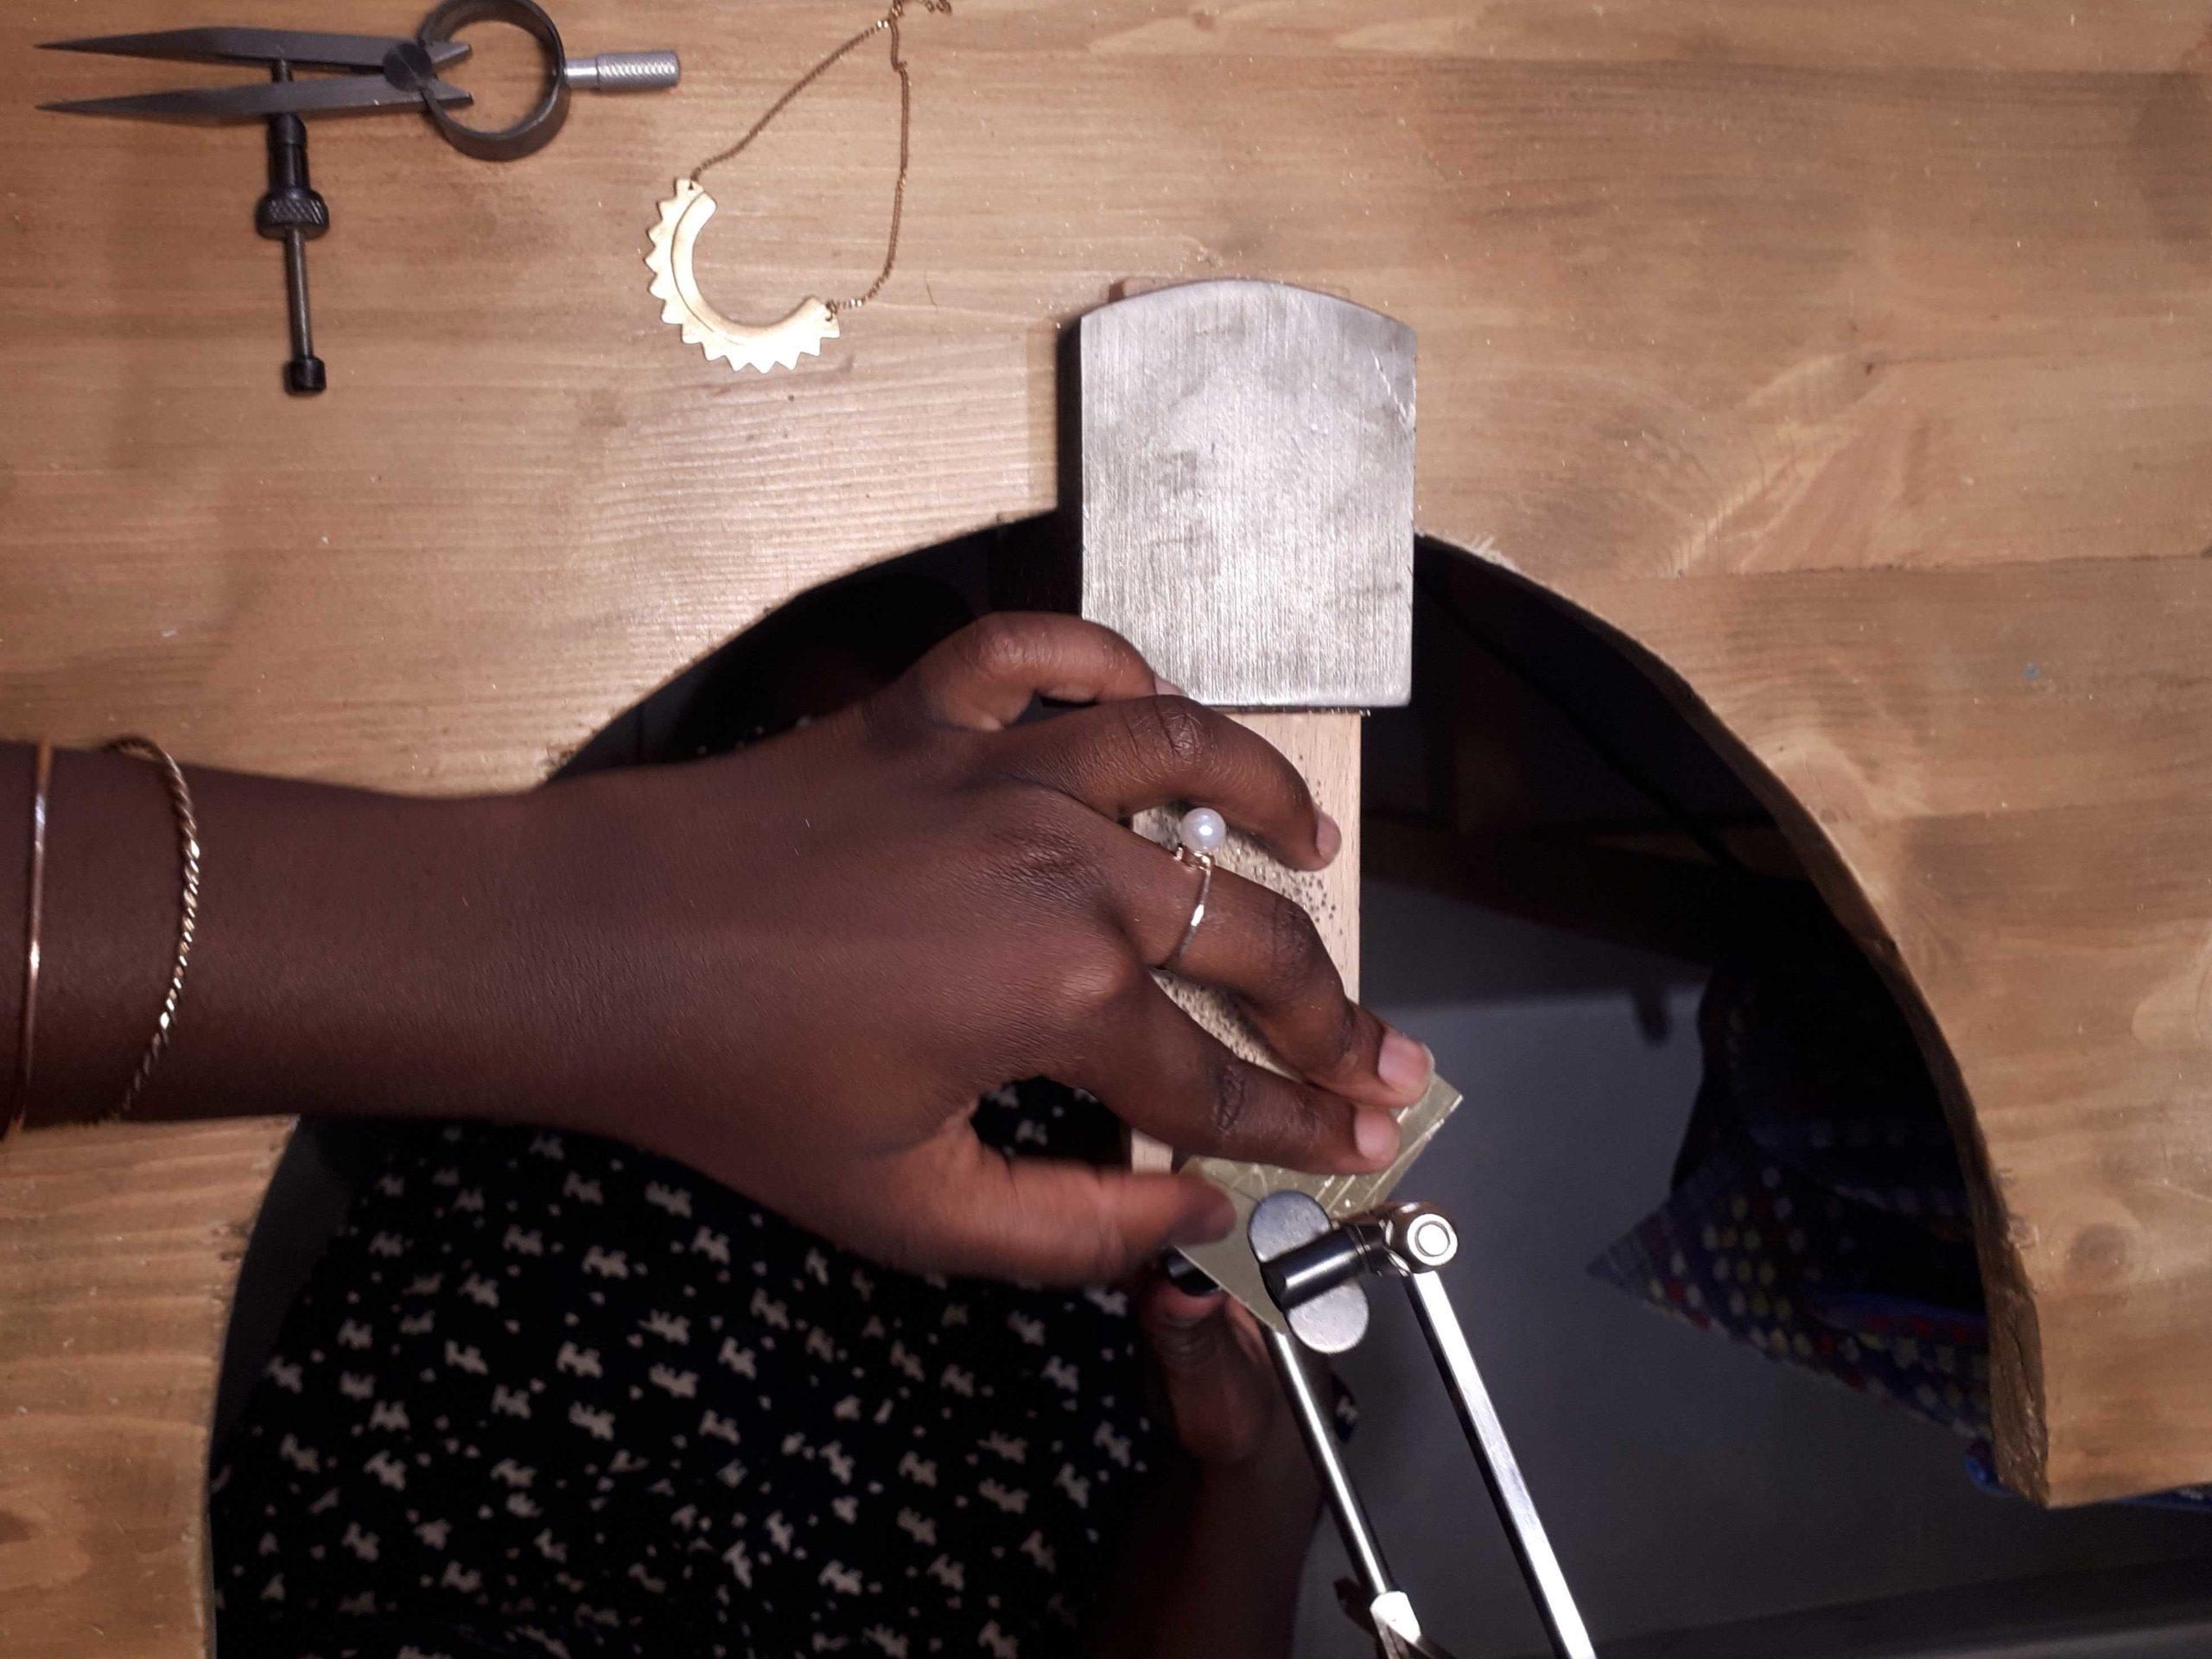 lyon-click-and-collect-cadeaux-artisanat-createurs-boutique-boucles-oreilles-collier-ateliers-bijoux